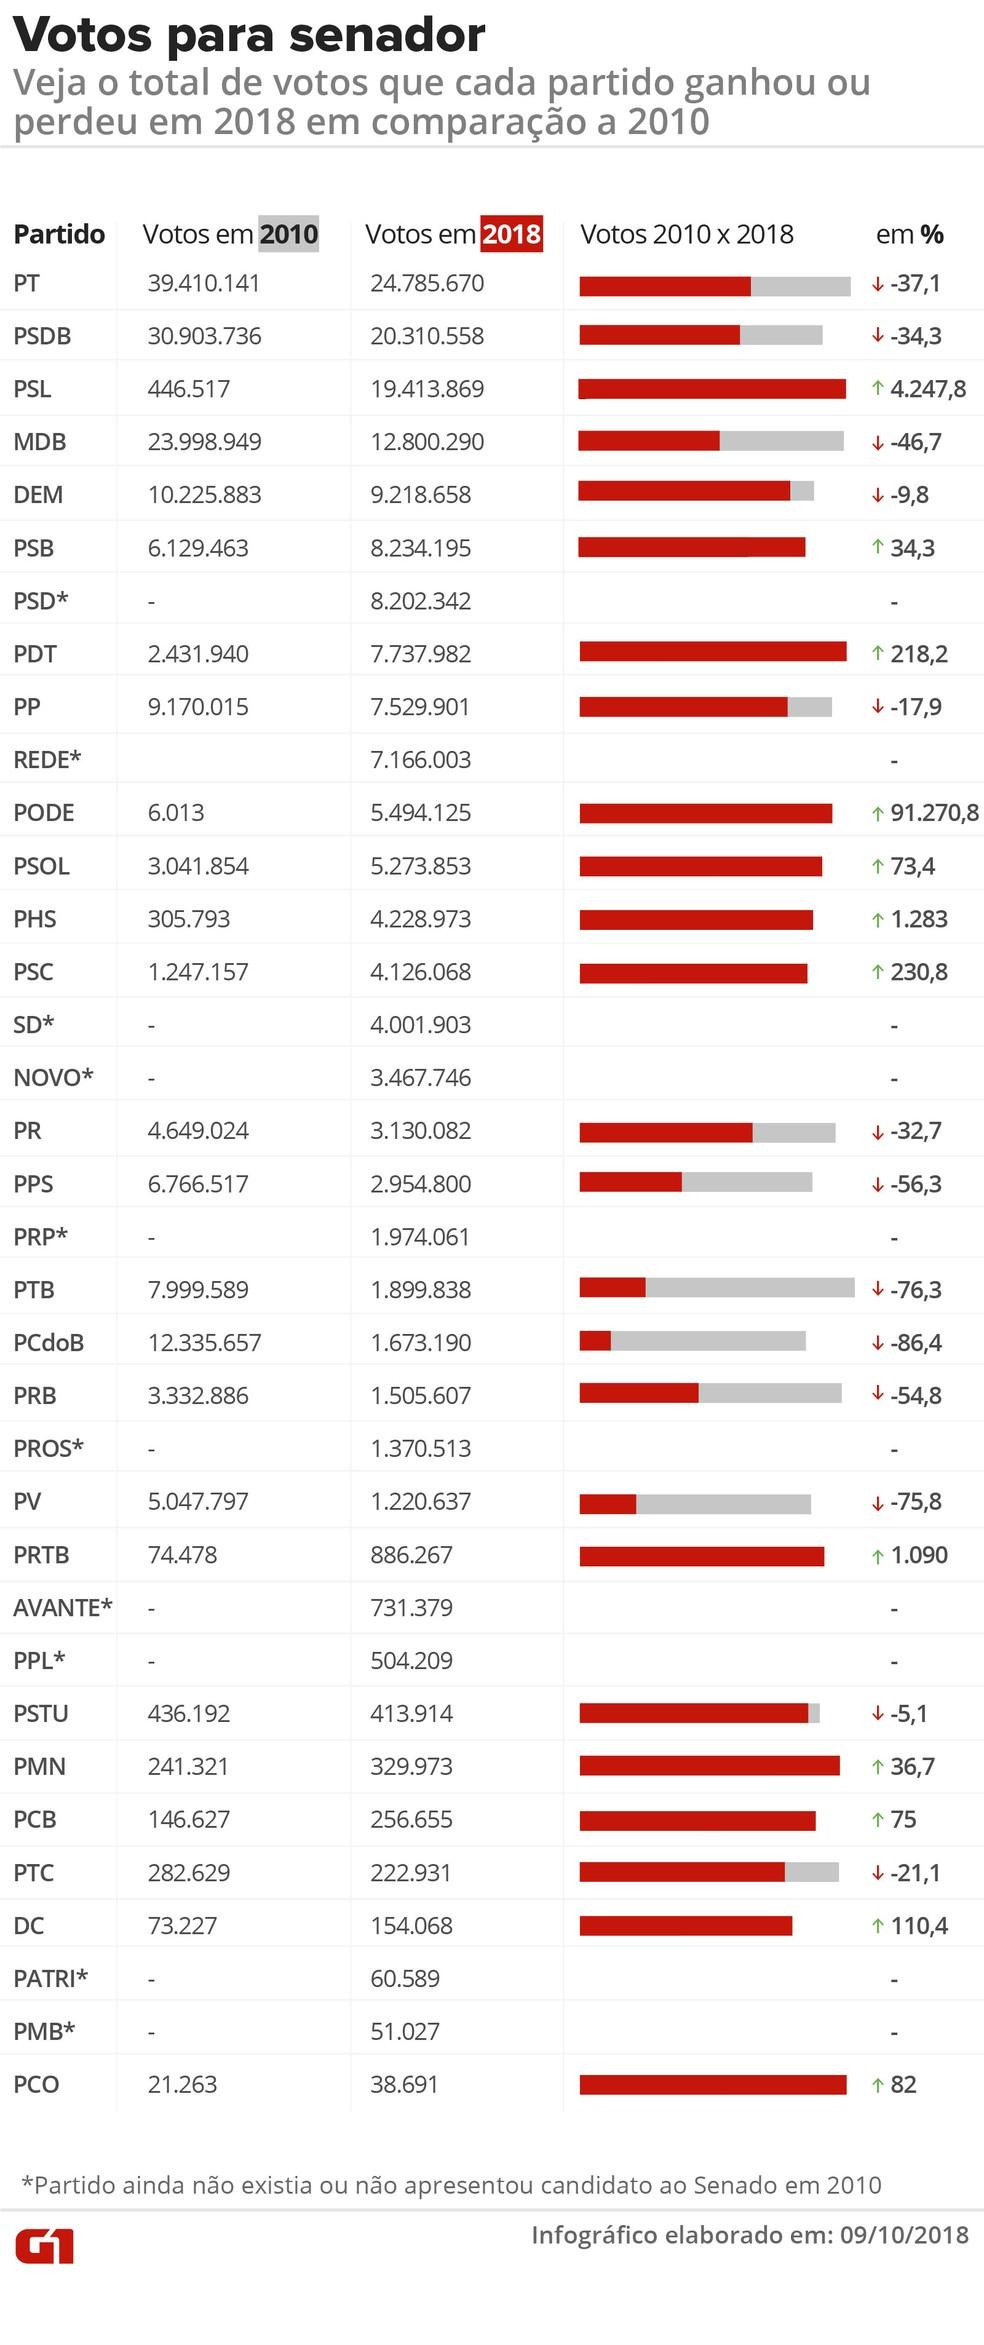 PT e PSDB são os partidos com mais votos para senador, mas tiveram queda em relação a 2010; já o PSL disparou e passou a ocupar o terceiro lugar — Foto: Juliane Souza/Arte G1